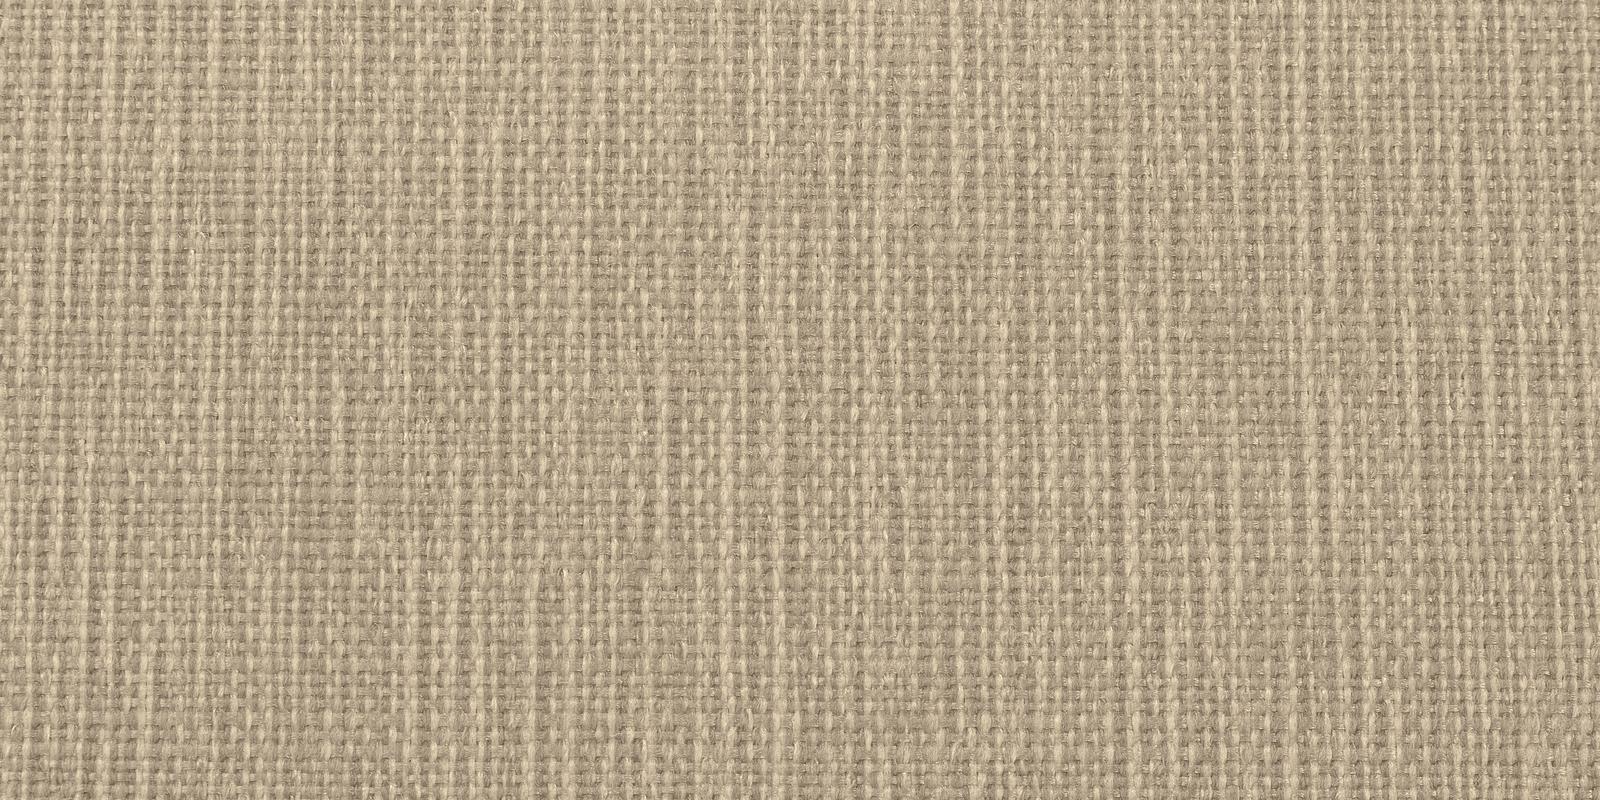 Диван тканевый прямой Фиджи Madagascar бежевый (Ткань + Экокожа) от HomeMe.ru